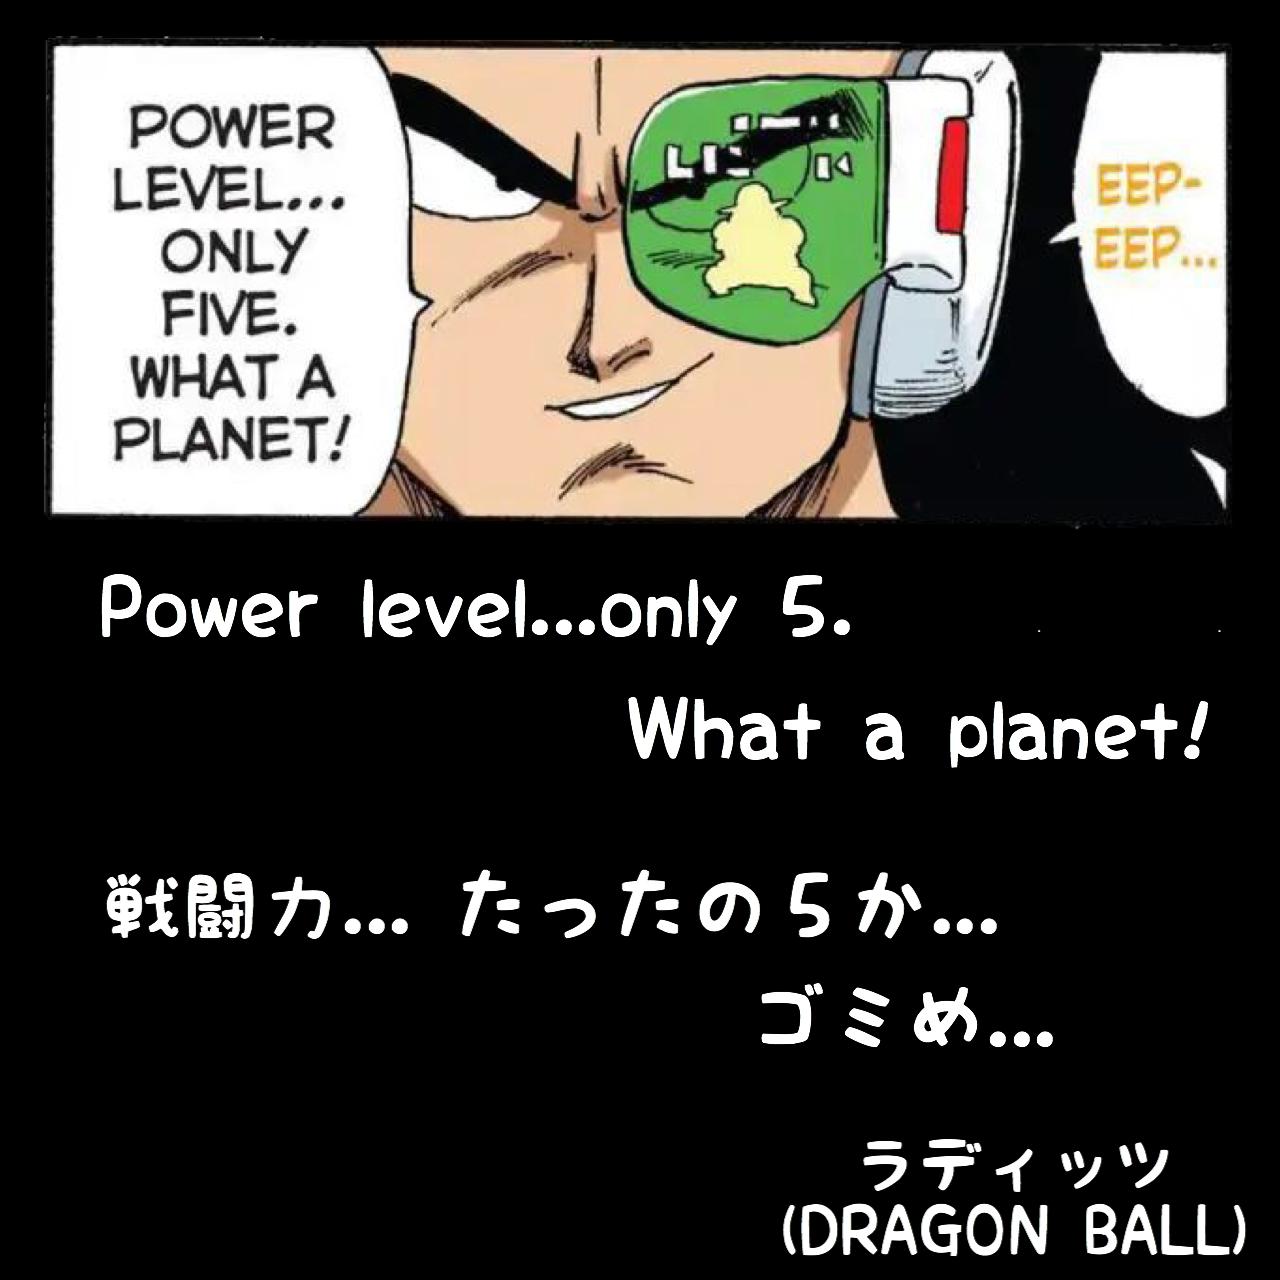 戦闘力...たったの5か... ゴミめ... / ラディッツ(DRAGON BALL)(DRAGON BALL)